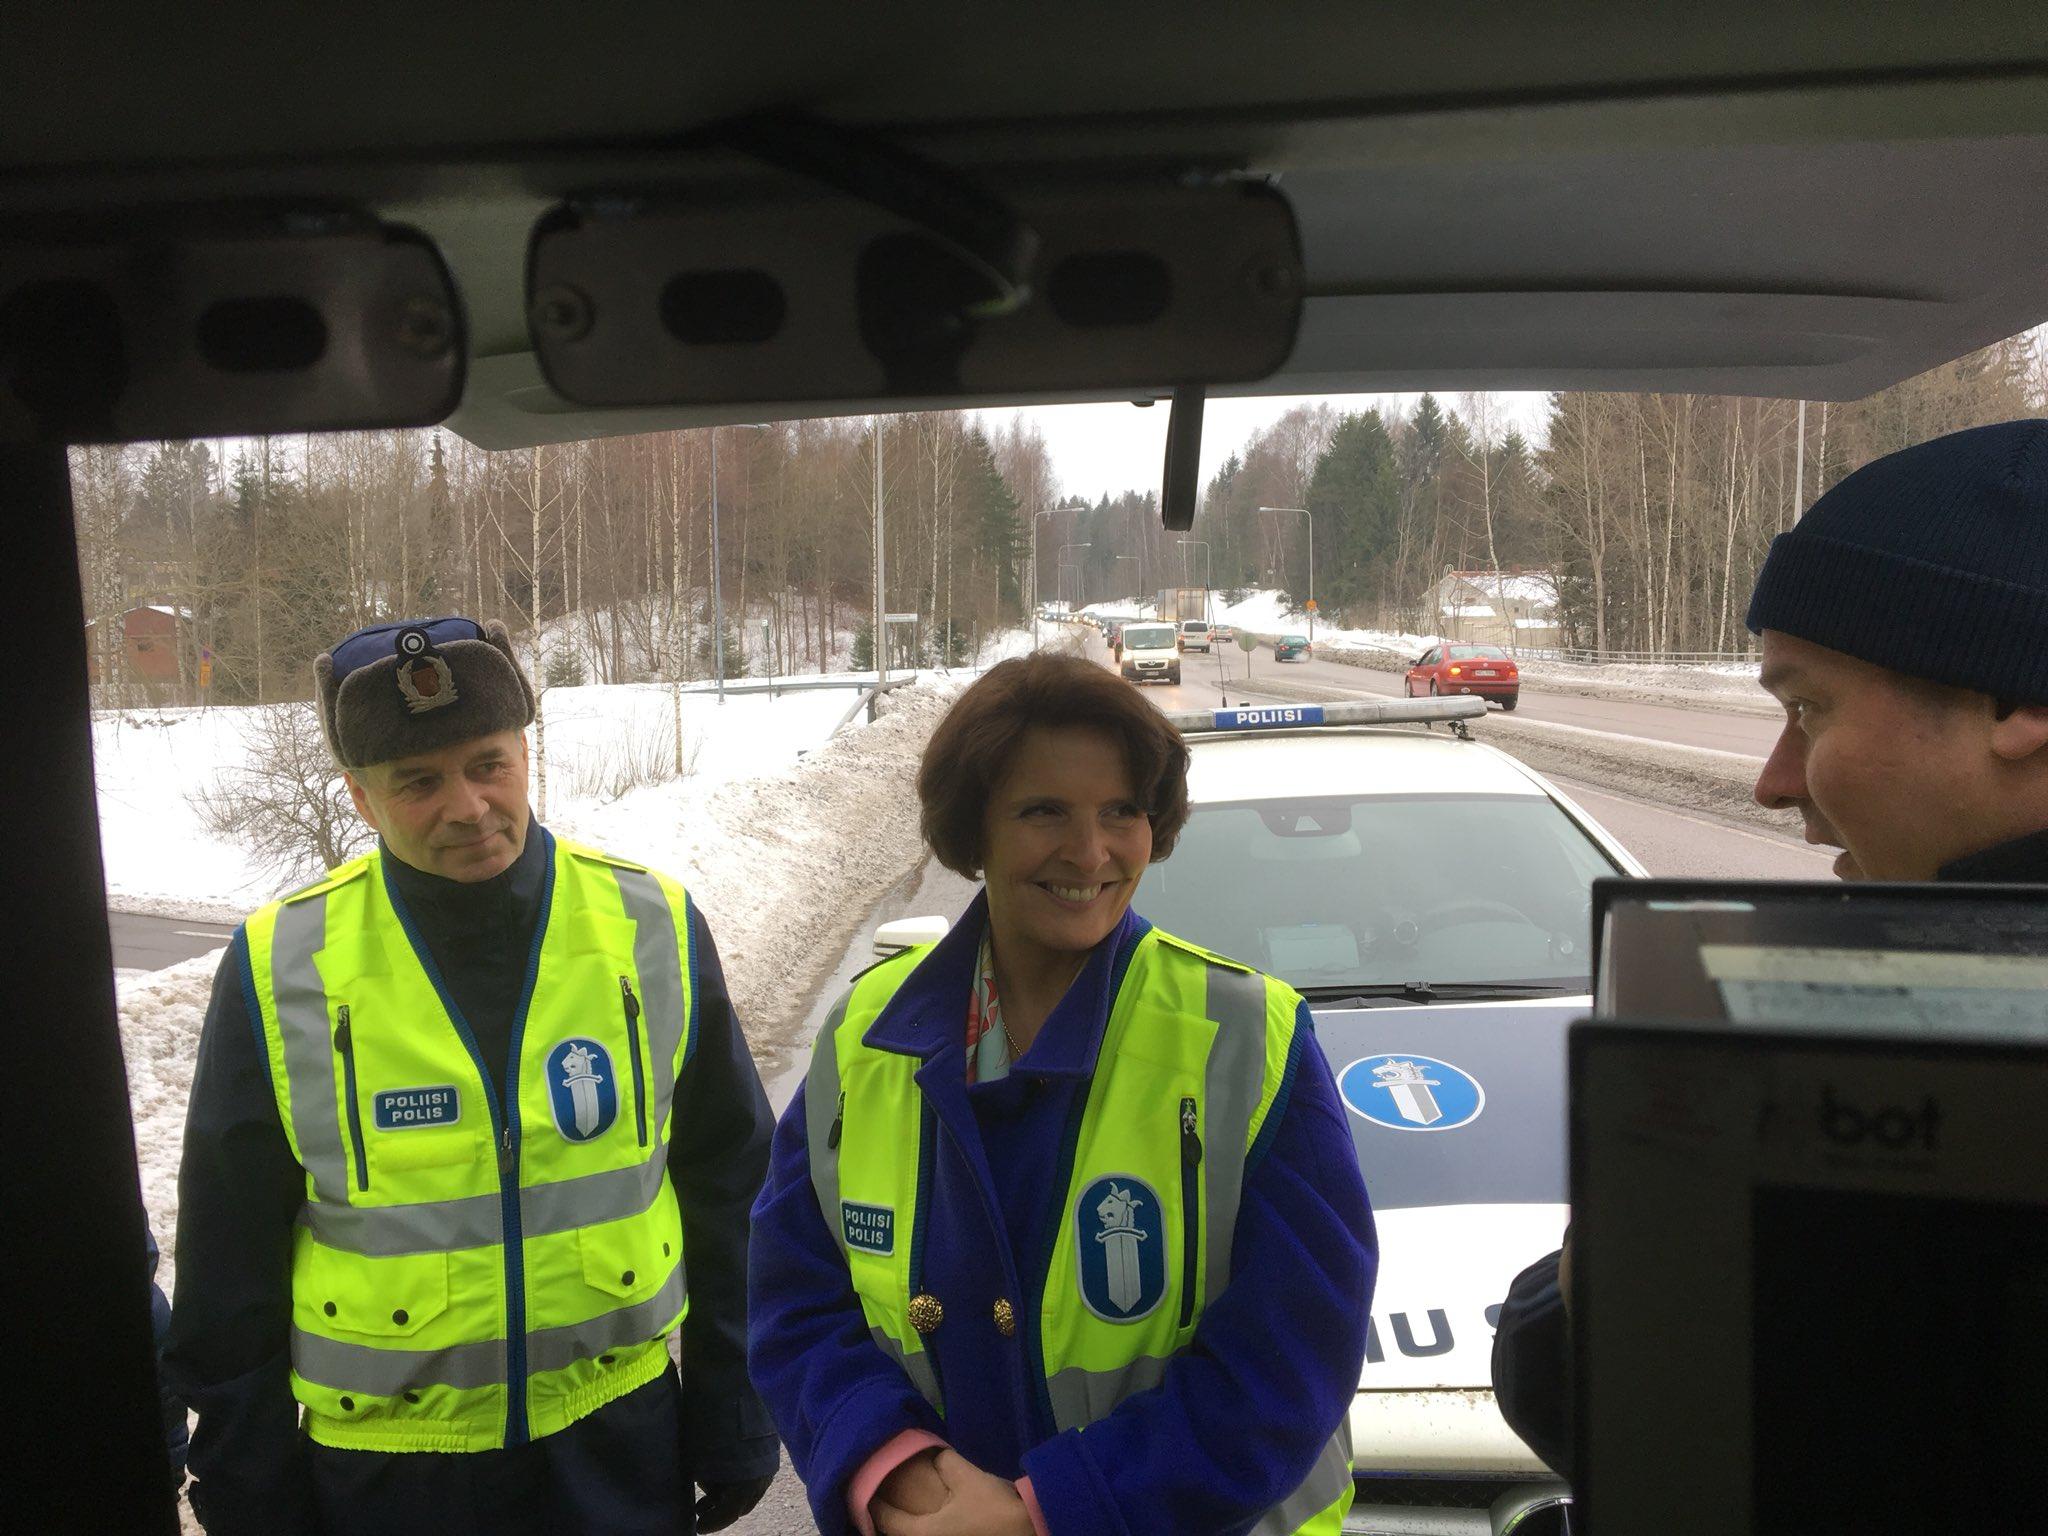 Poliisi Itä-Uusimaa